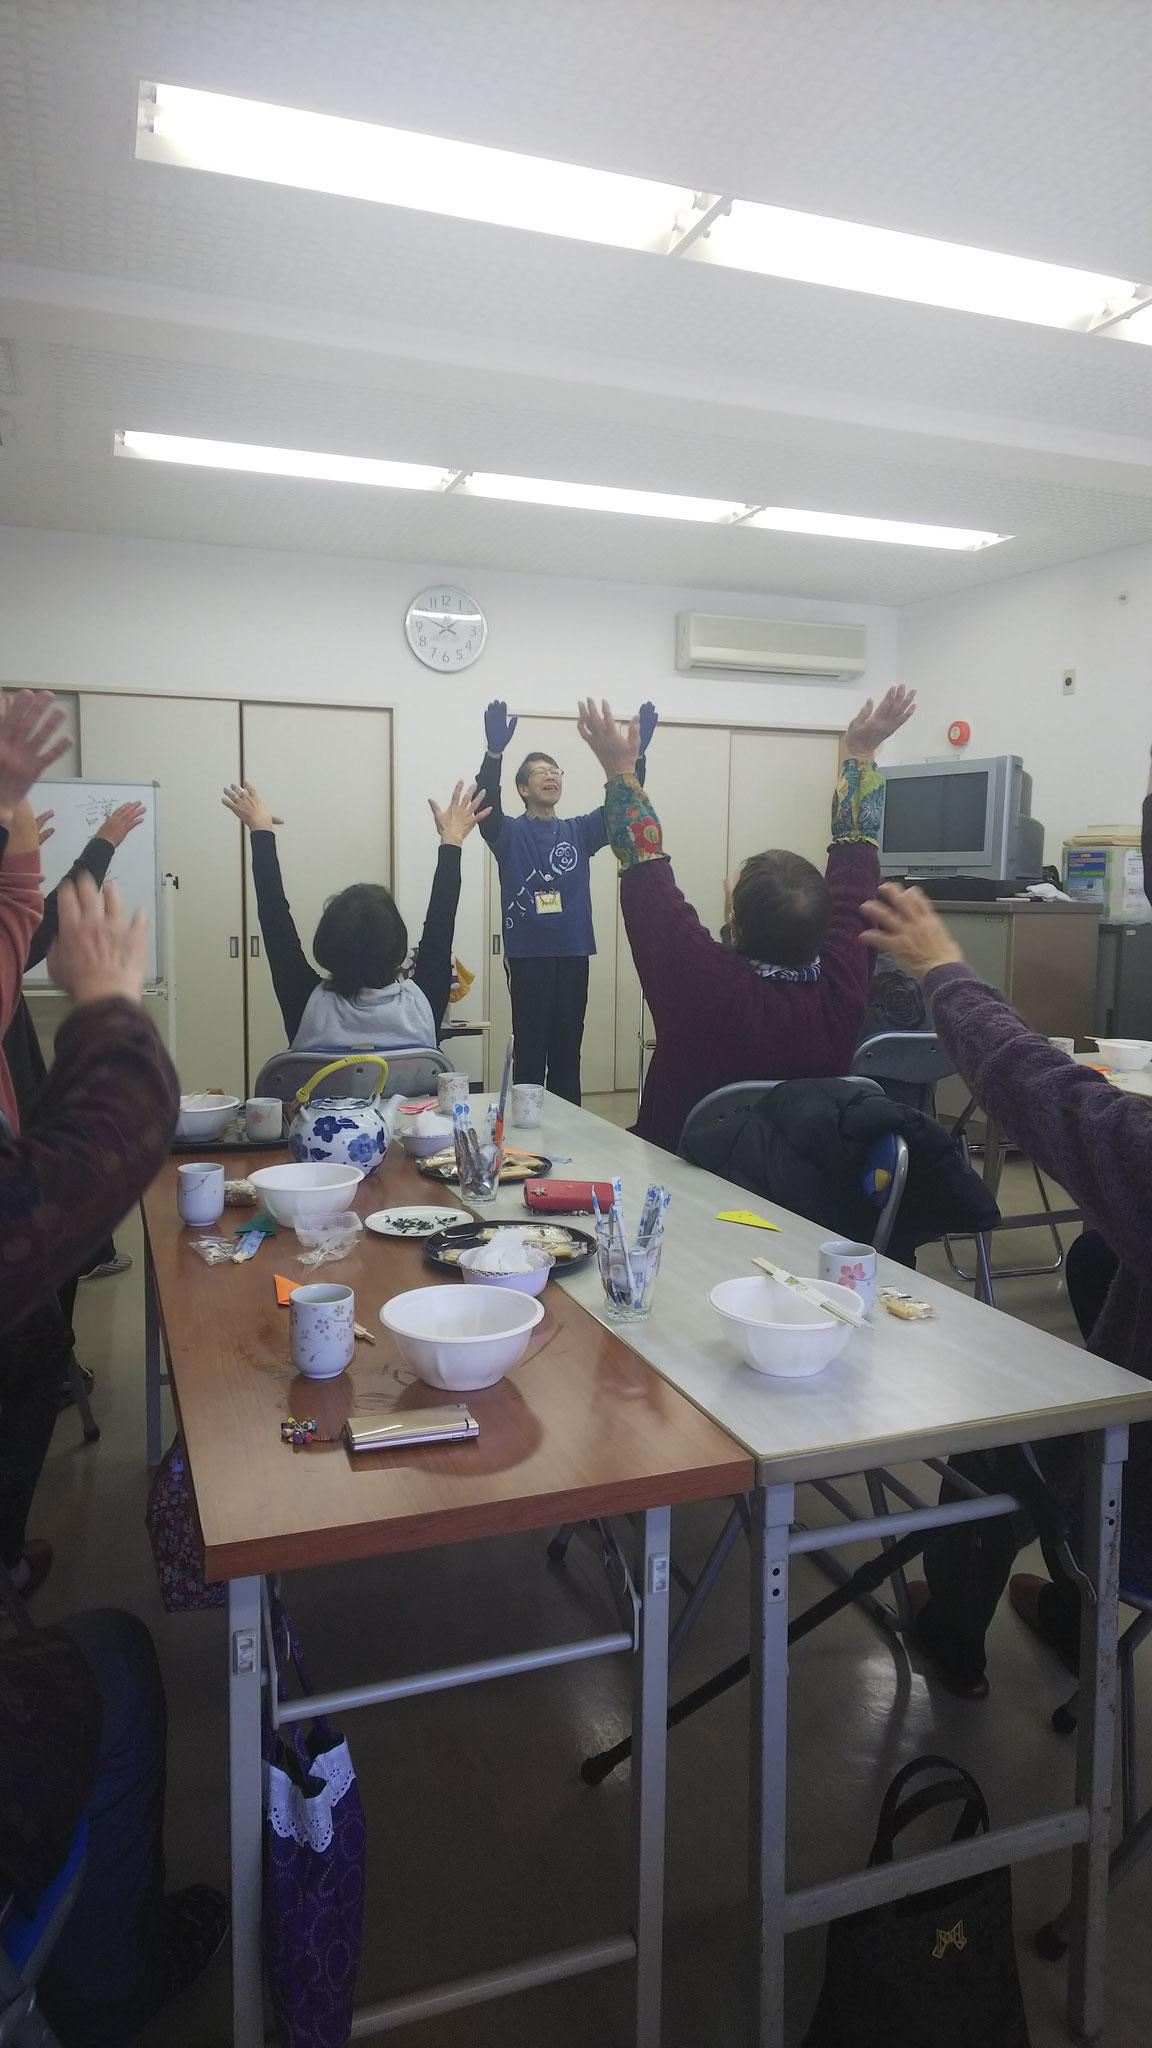 2019/01/07 富田林市緑ヶ丘福祉委員会 ティーサロンにて ツボ体操